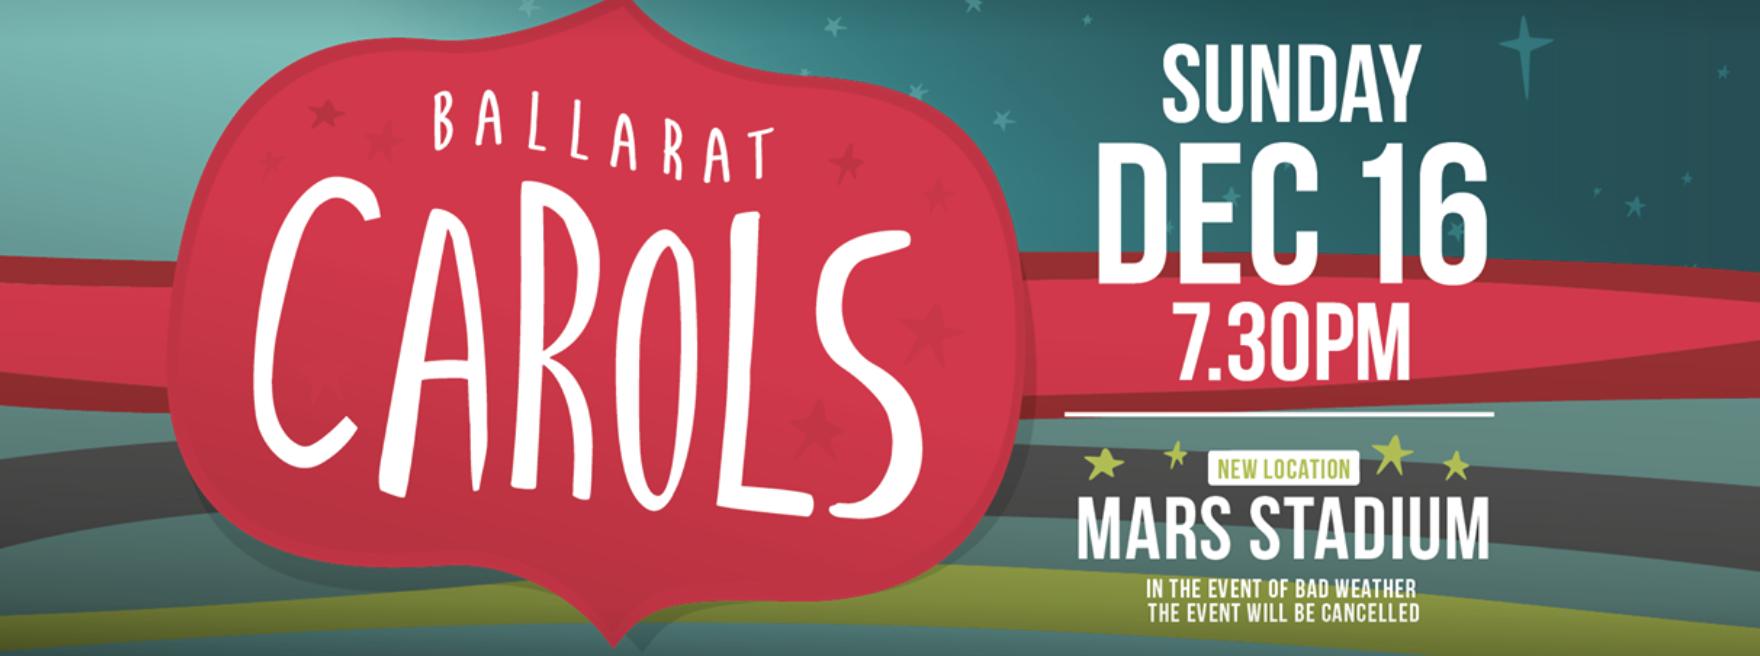 Christmas Carols [Ballarat]